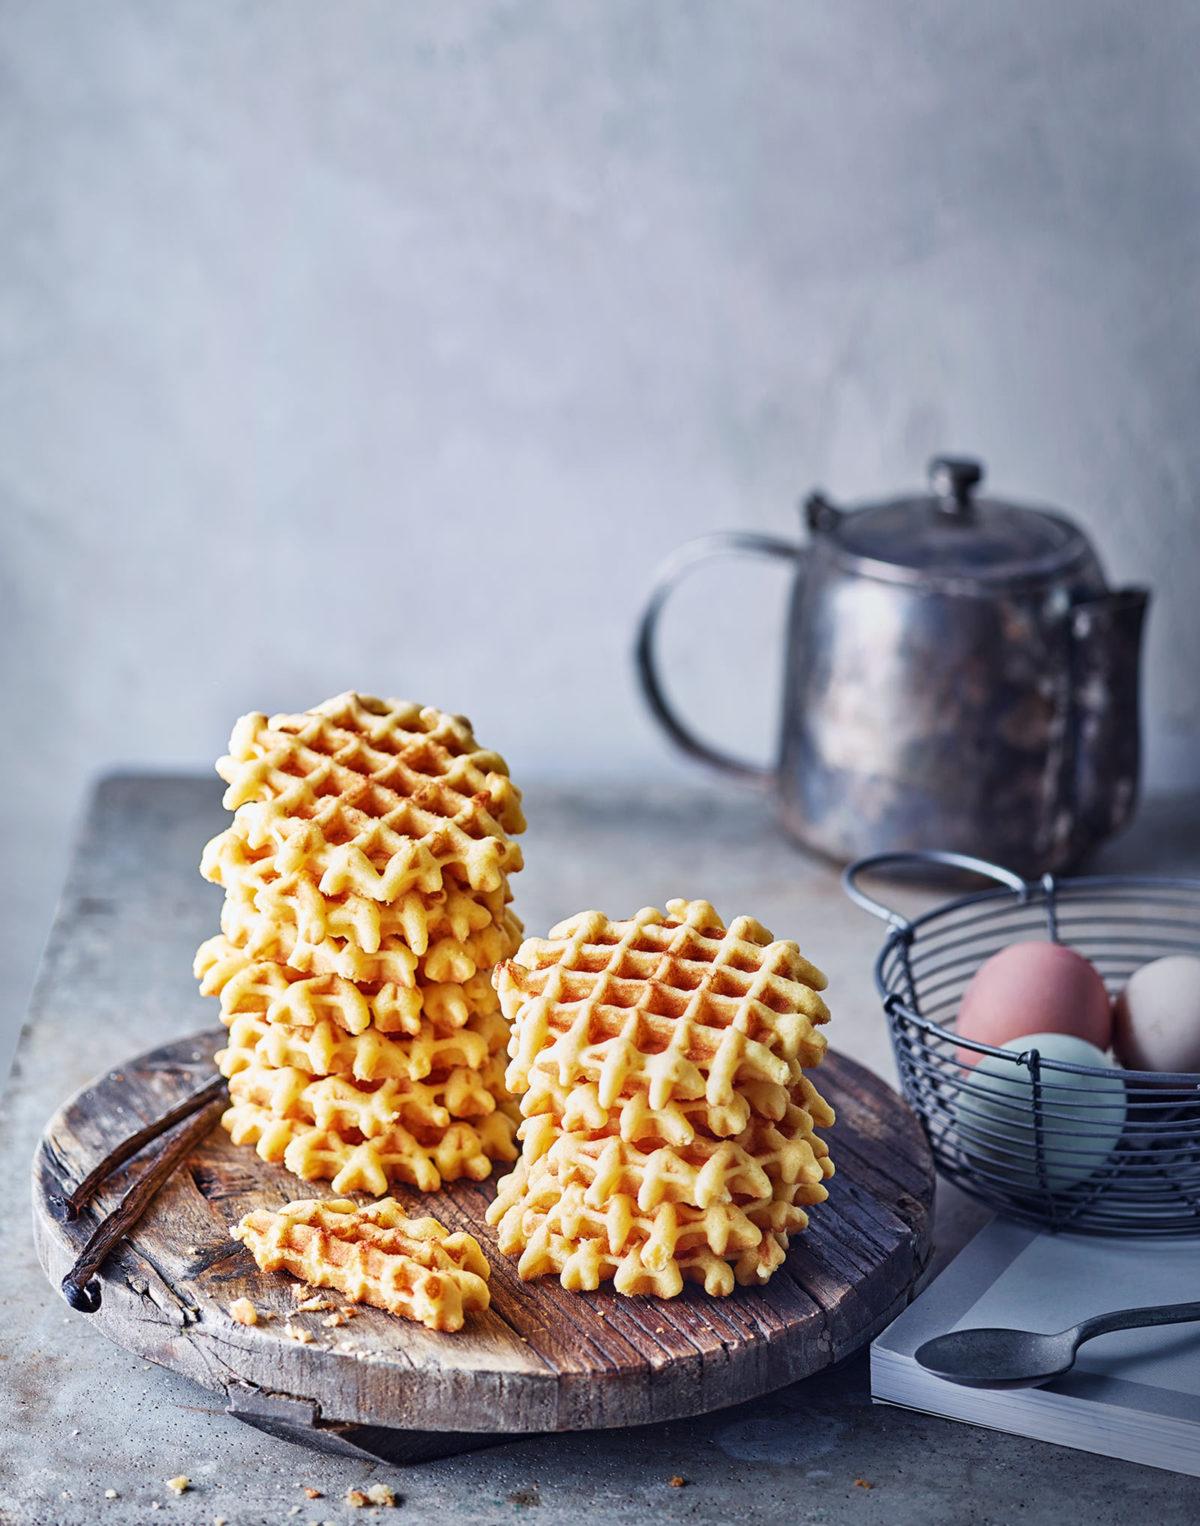 Biscuiterie Thijs 421338 C Def